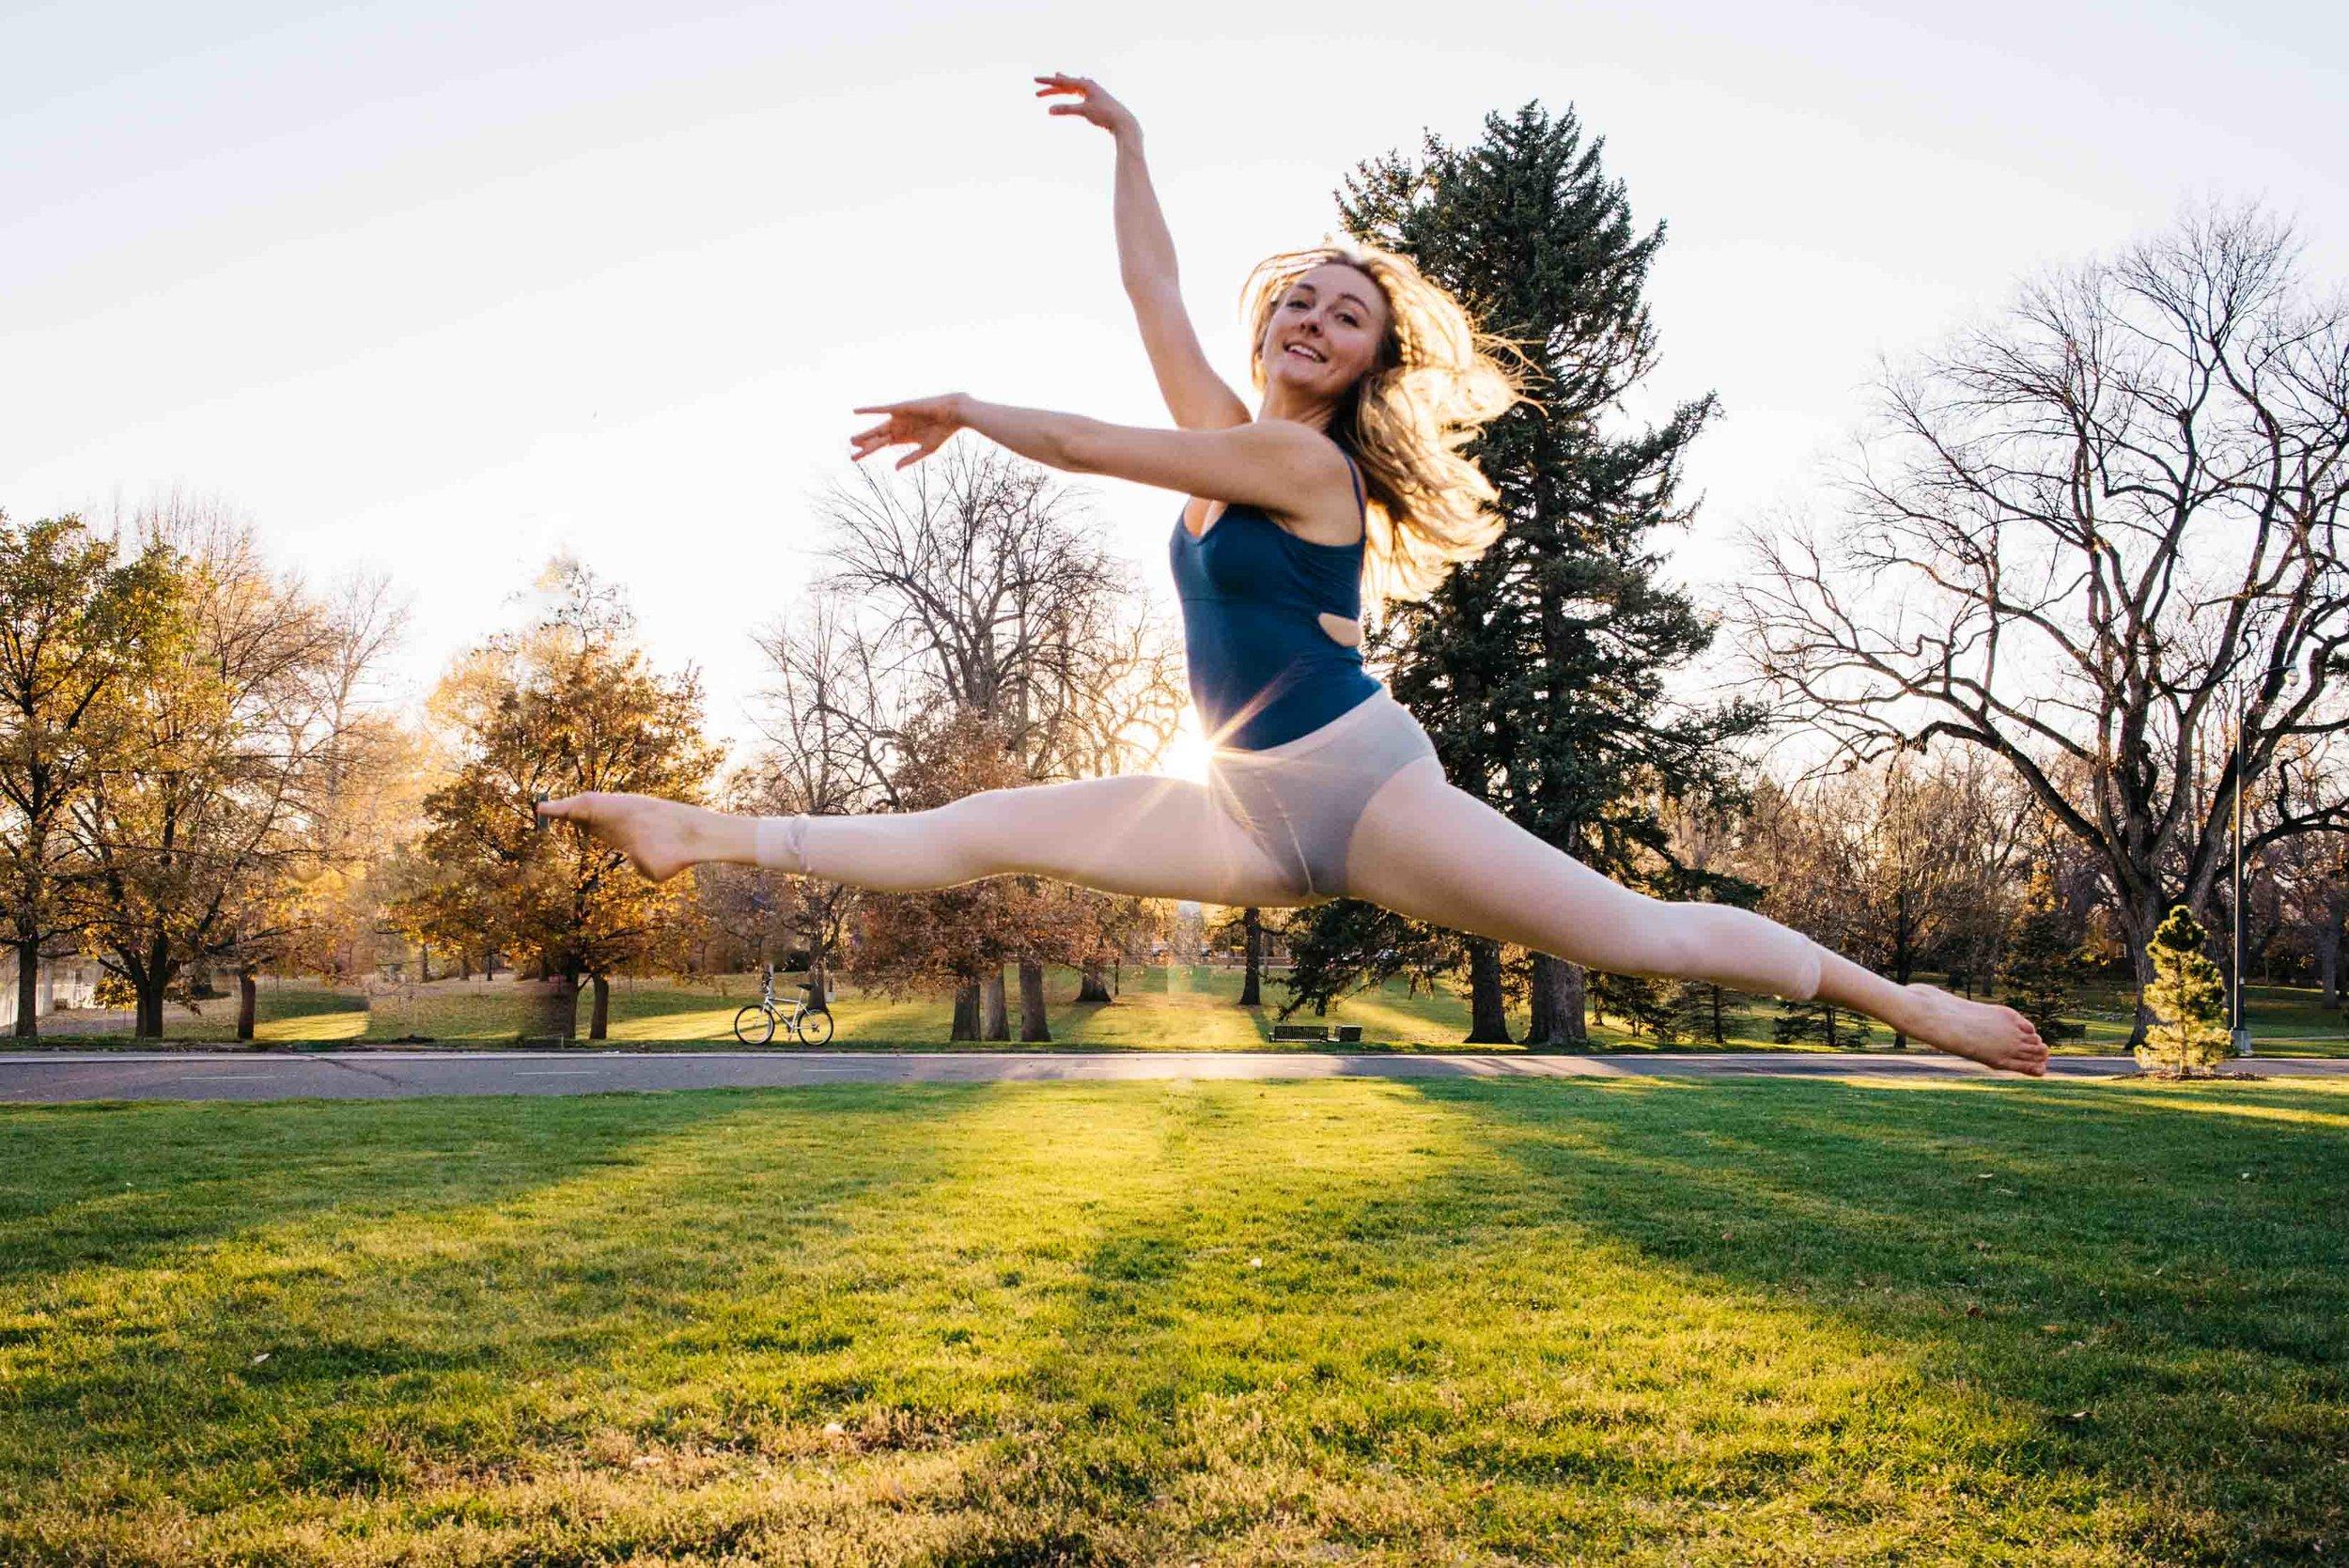 denver-dance-photographer-ballet-photographer-chloe-2017-116.jpg